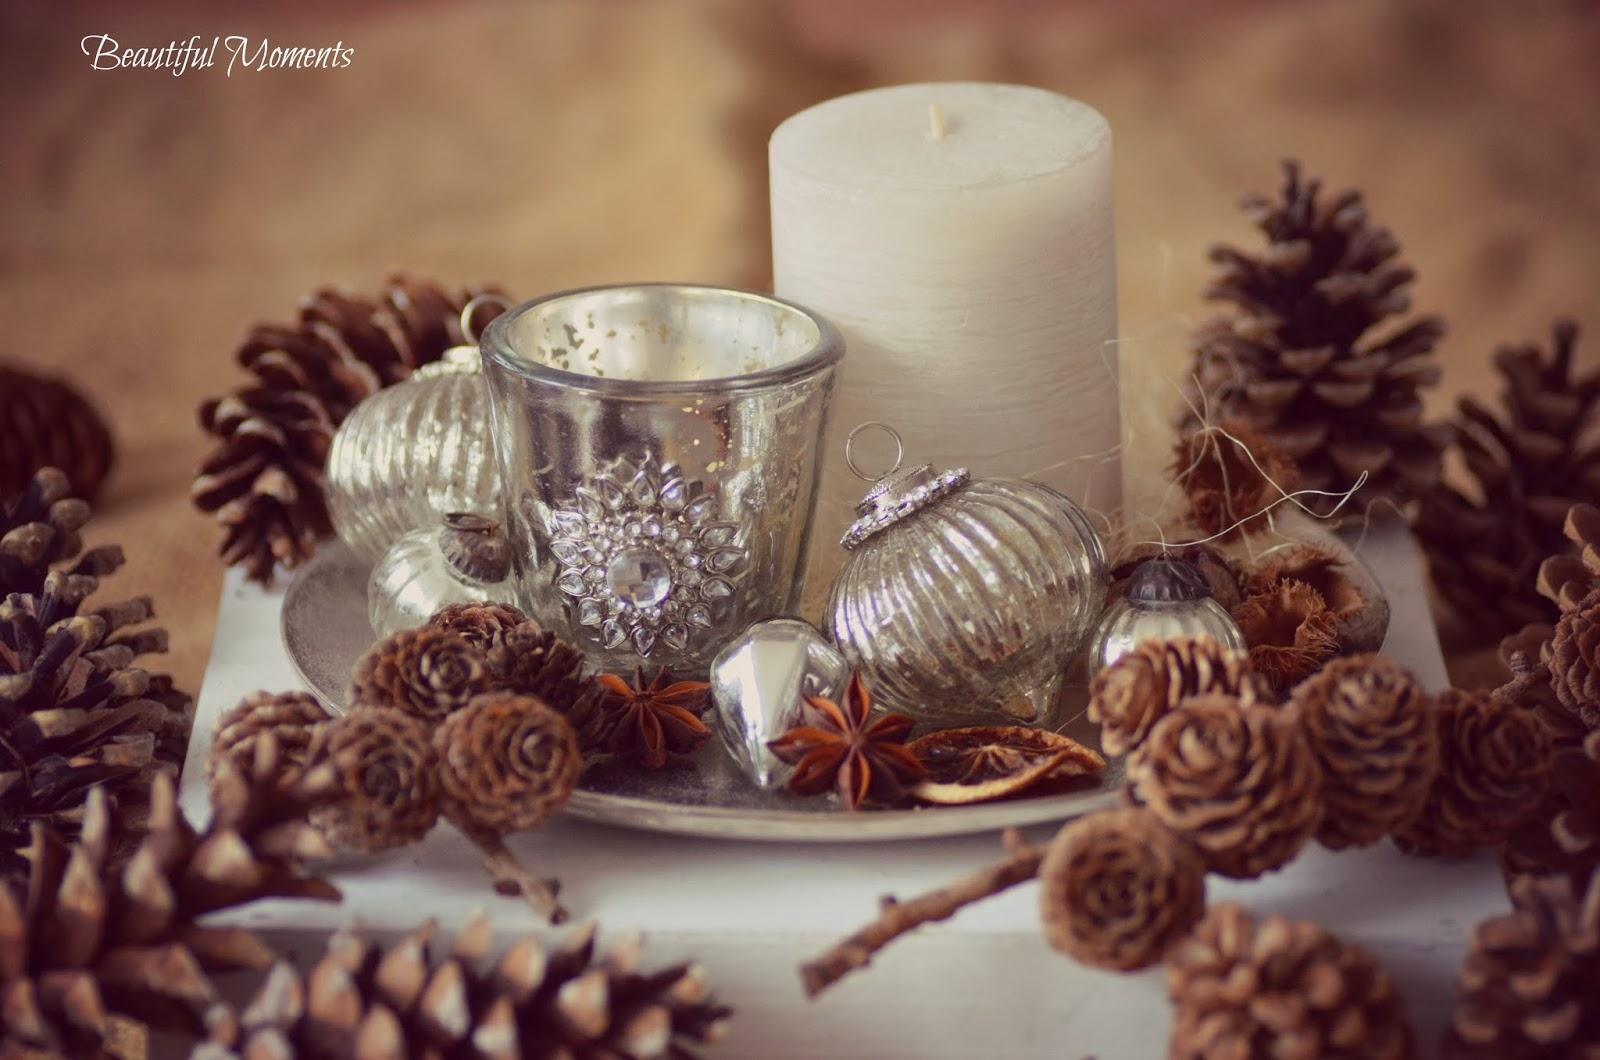 Weihnachtsdeko In Silber Und Weiß.Beautiful Moments Weihnachtsdeko Auf Einer Silber Platte